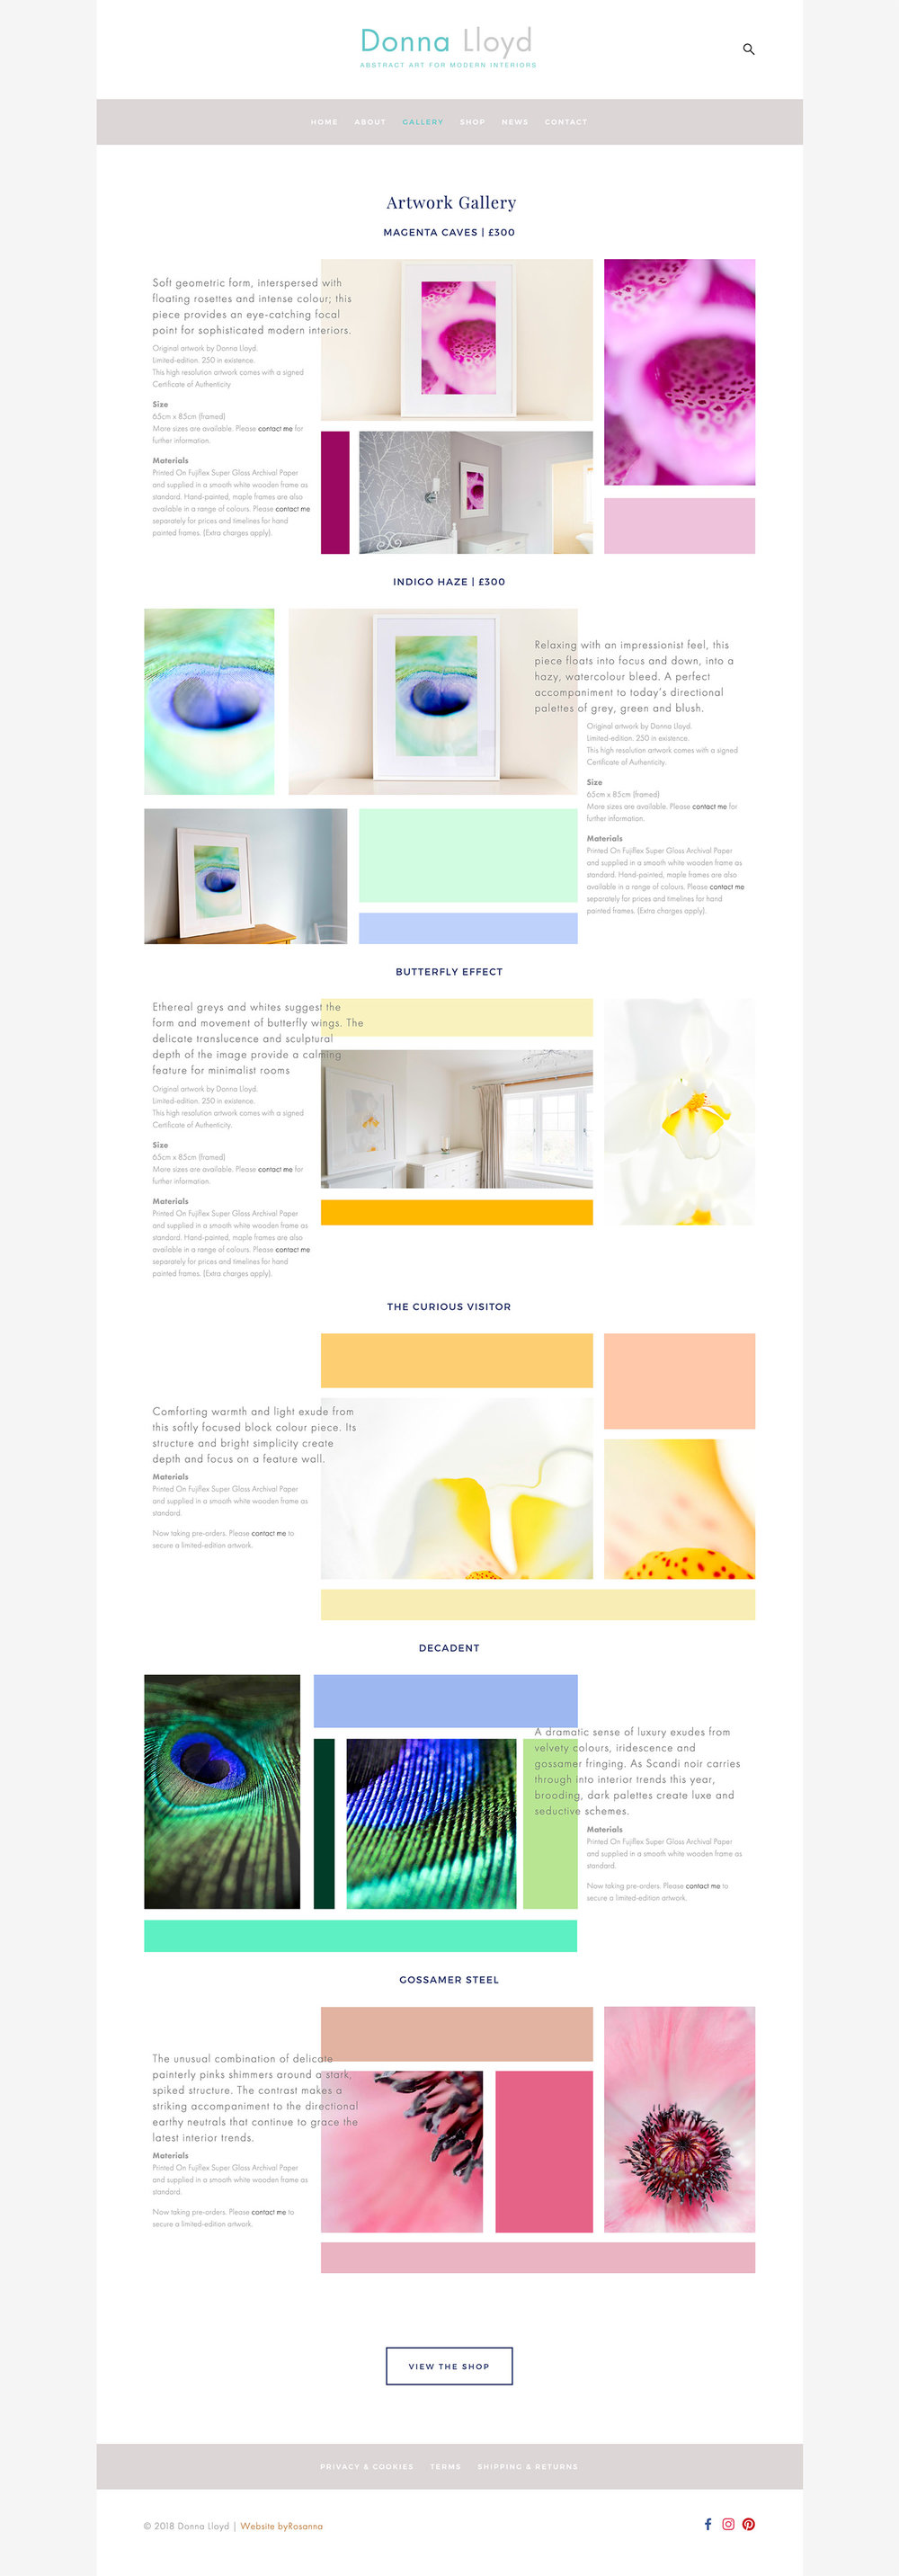 Website design in Squarespace